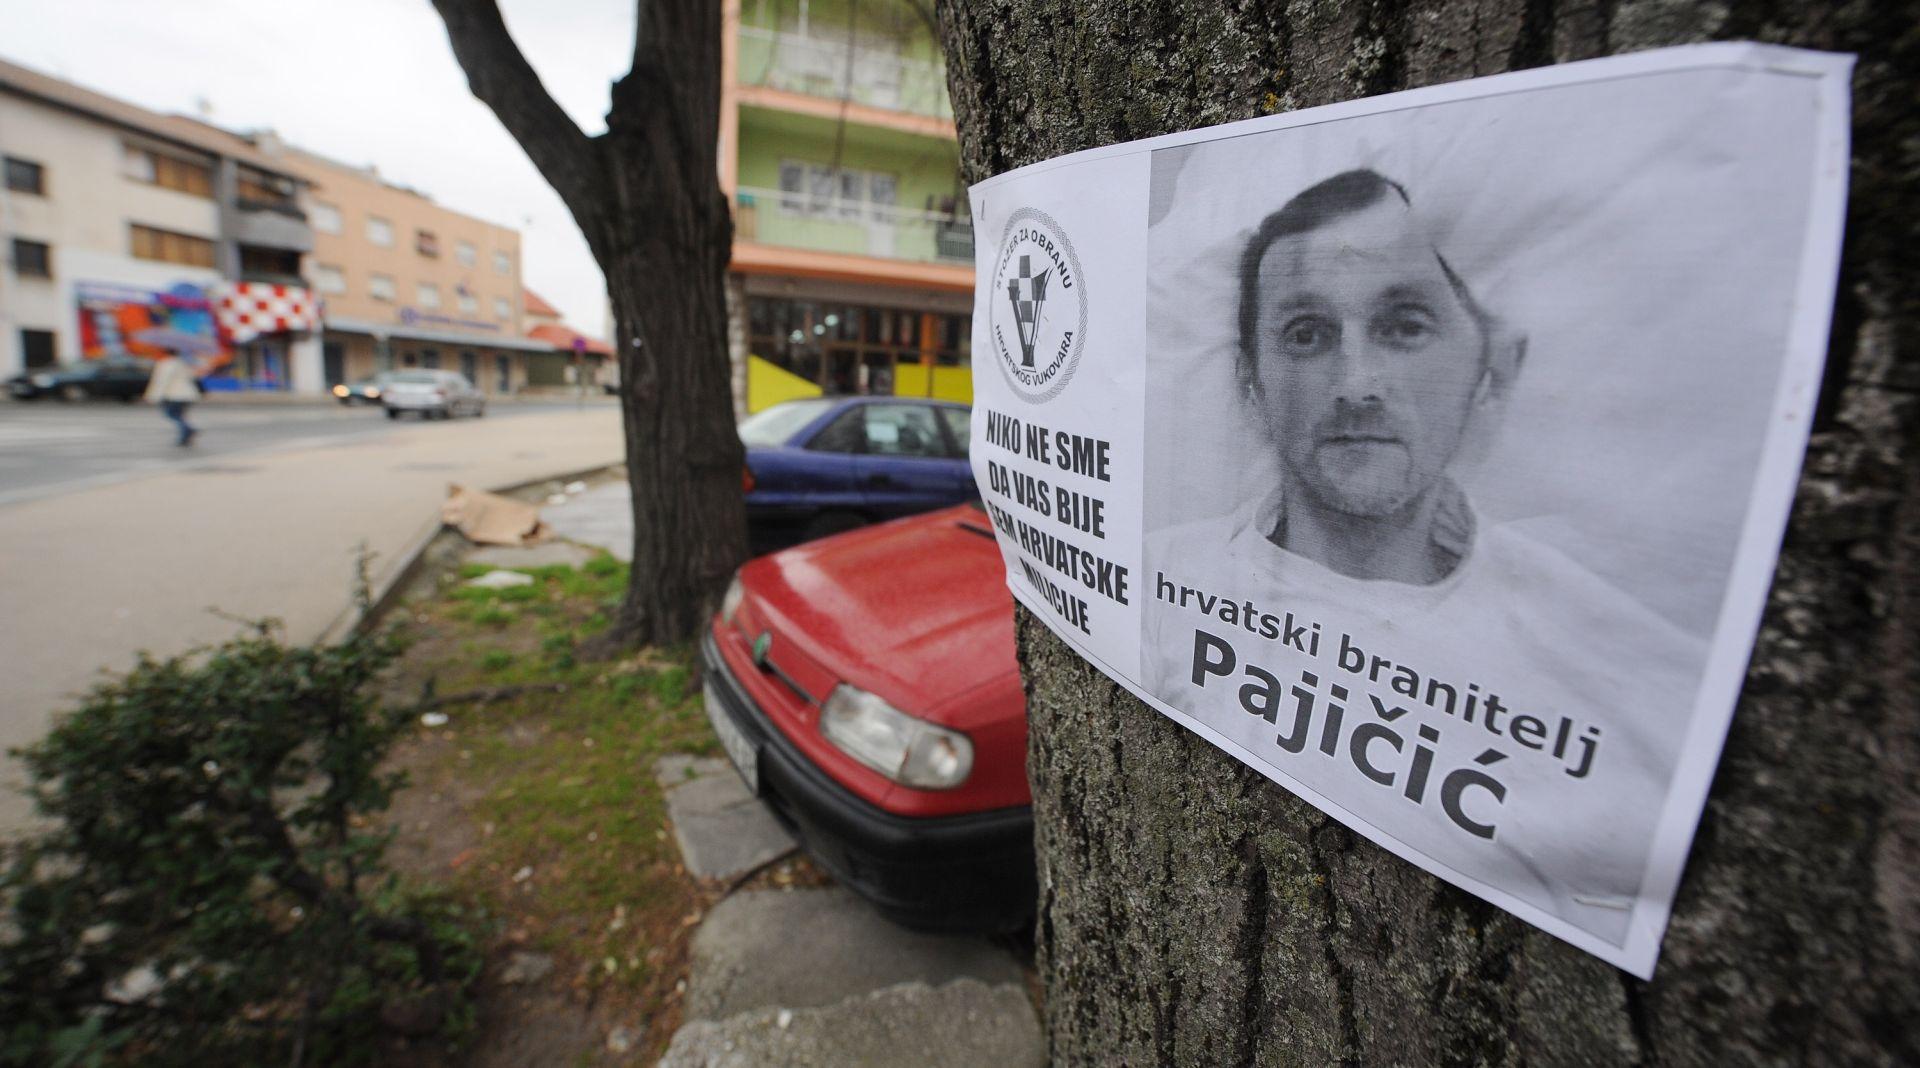 MUP ponovno zaključio da Pajčić nije žrtva prekomjerne sile, Josić ostaje pri svome